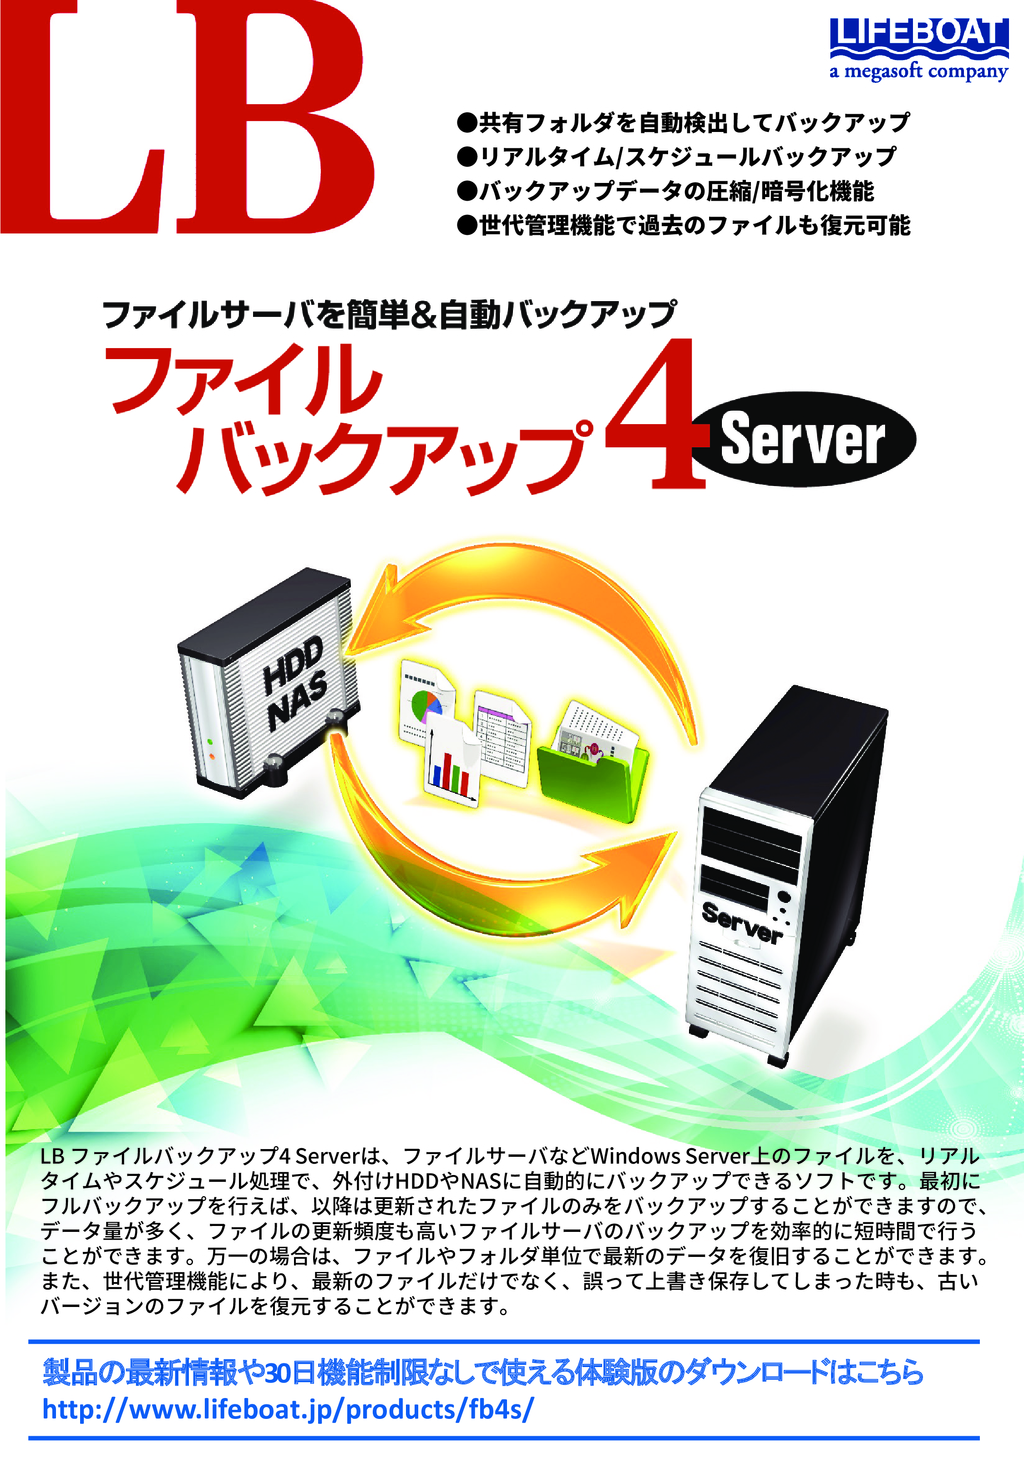 ファイルサーバーを簡単&自動バックアップ『LB ファイルバックアップ4 Server』の資料